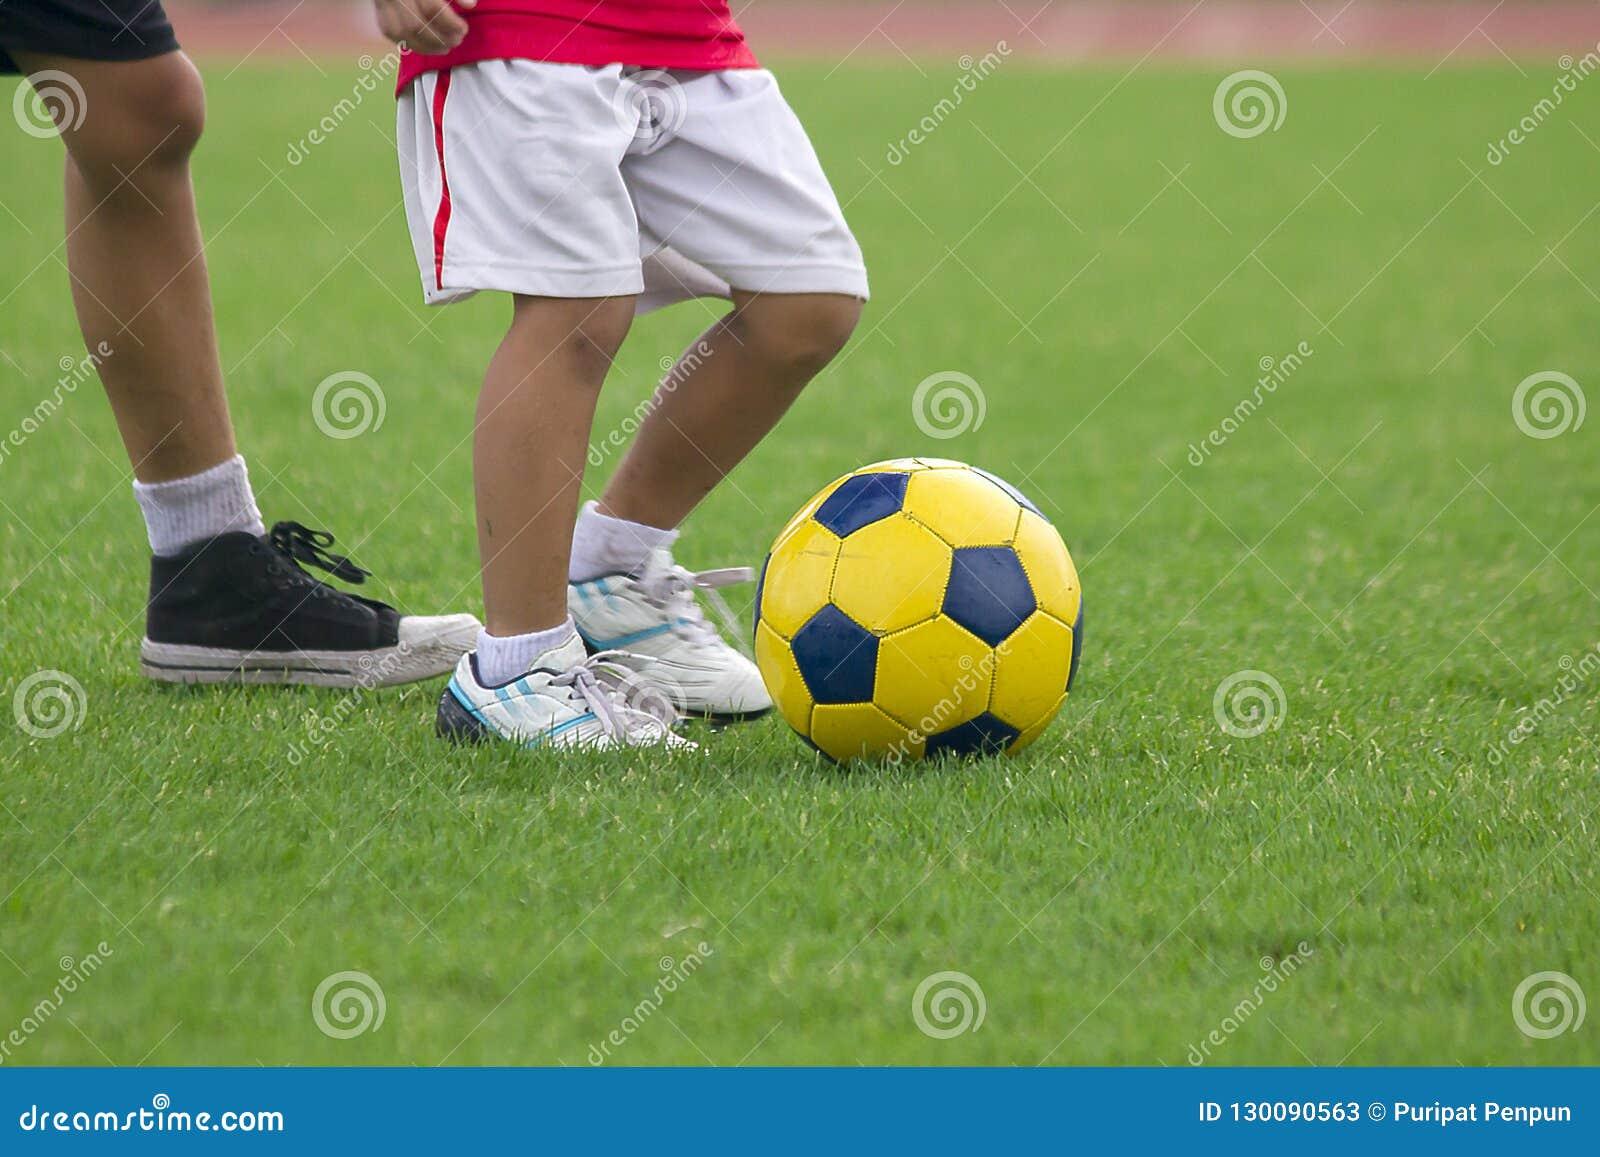 fotos de futbol piernas